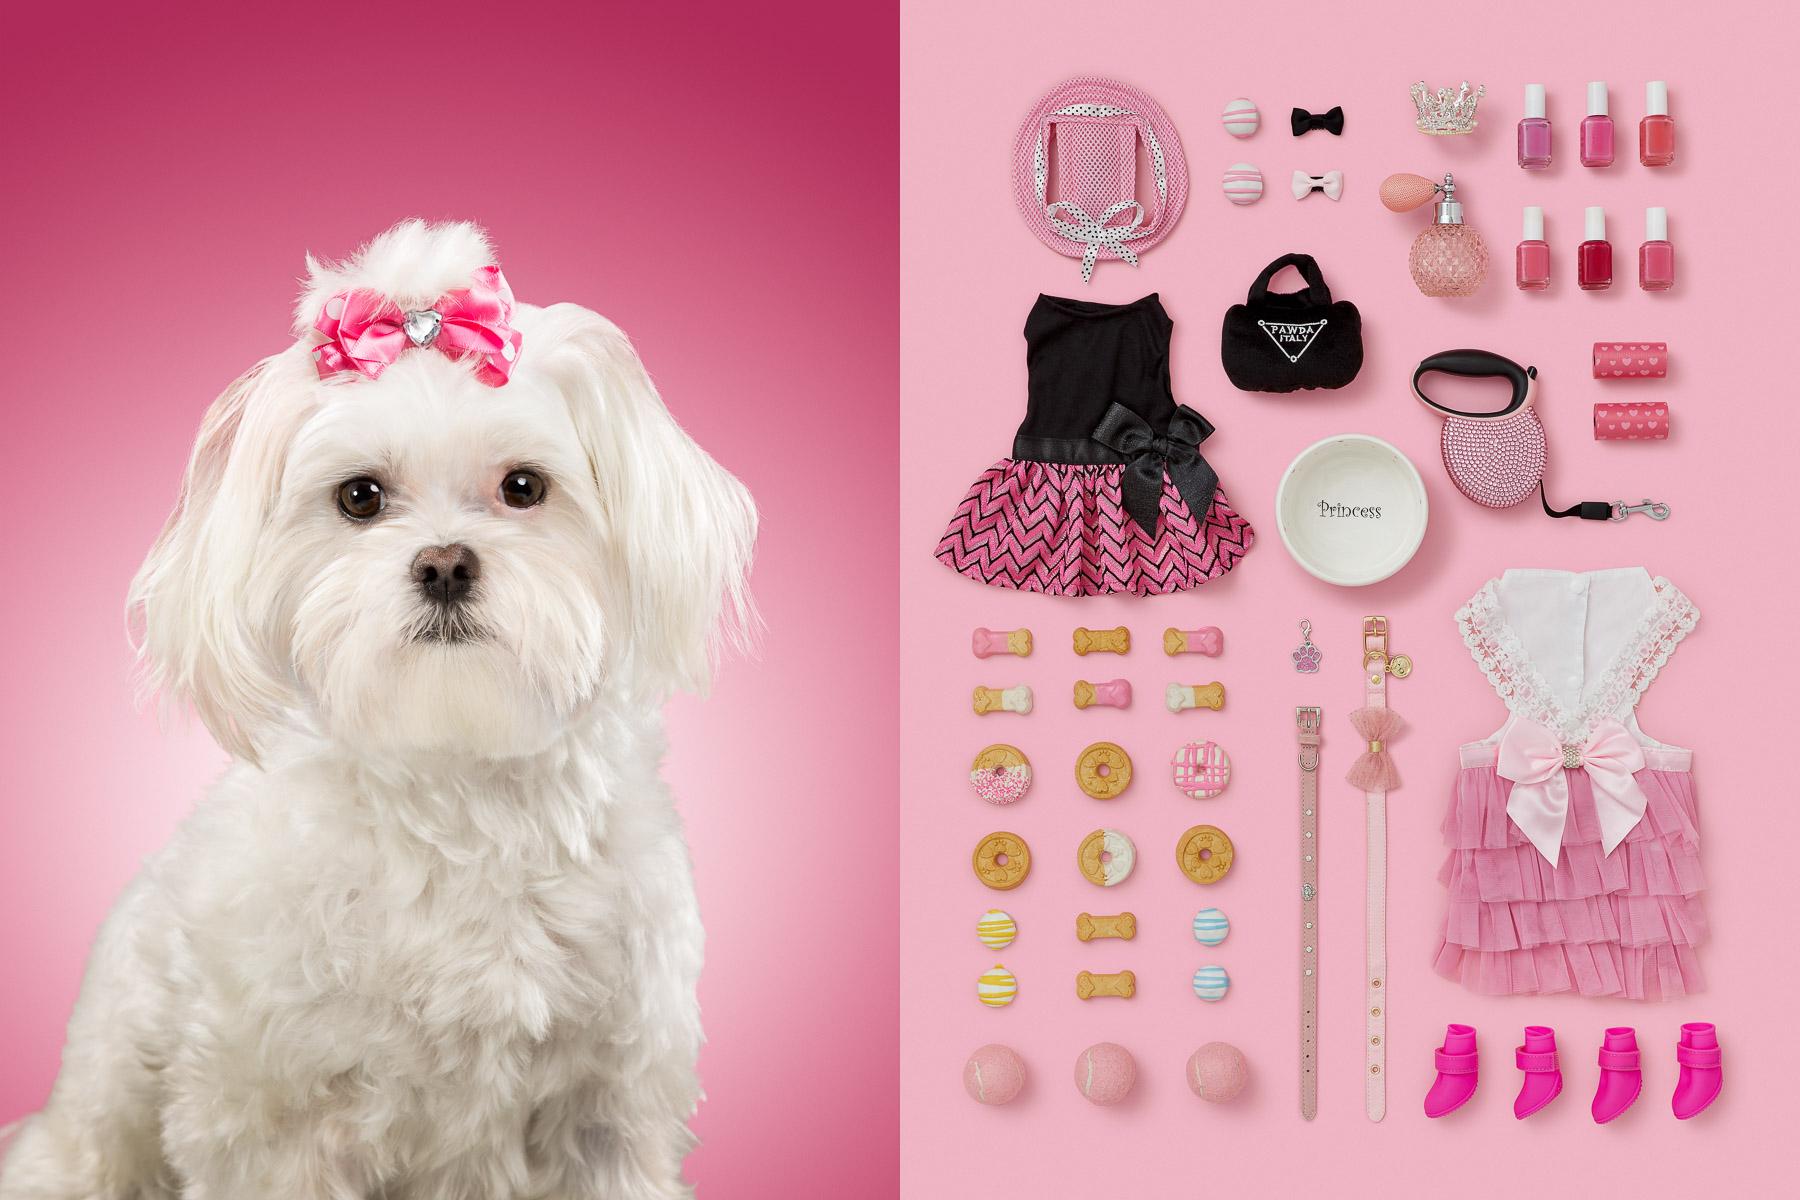 Princess-maltese-series-dog-portraits-knolling-pink-items-princess-animal-photographer.jpg